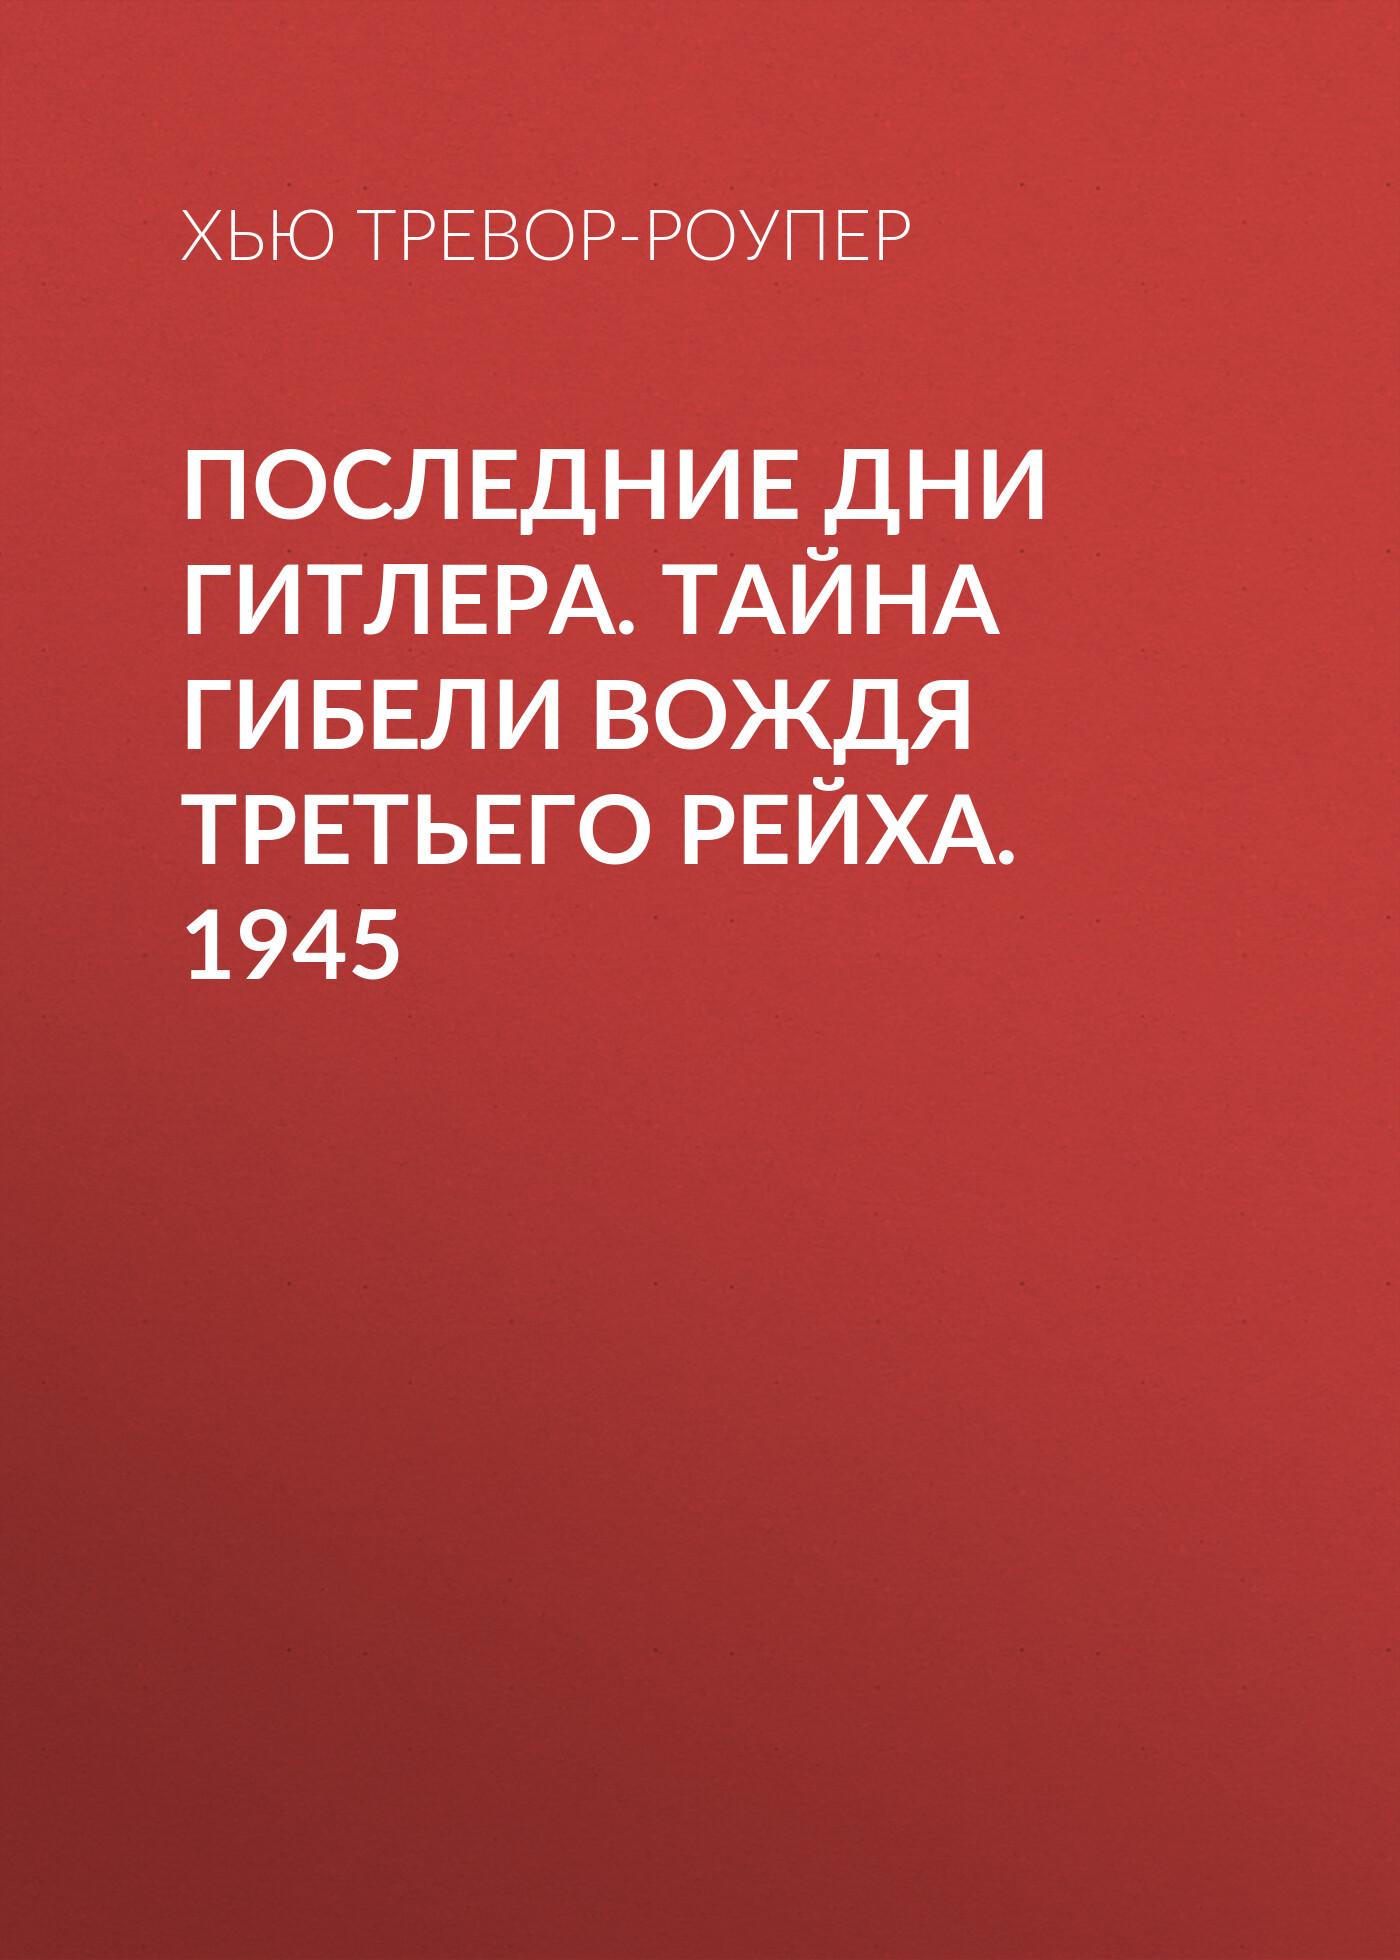 Хью Тревор-Роупер Последние дни Гитлера. Тайна гибели вождя Третьего рейха. 1945 хуцель д ракетный центр третьего рейха записки ближайшего соратника вернера фон брауна 1943 1945